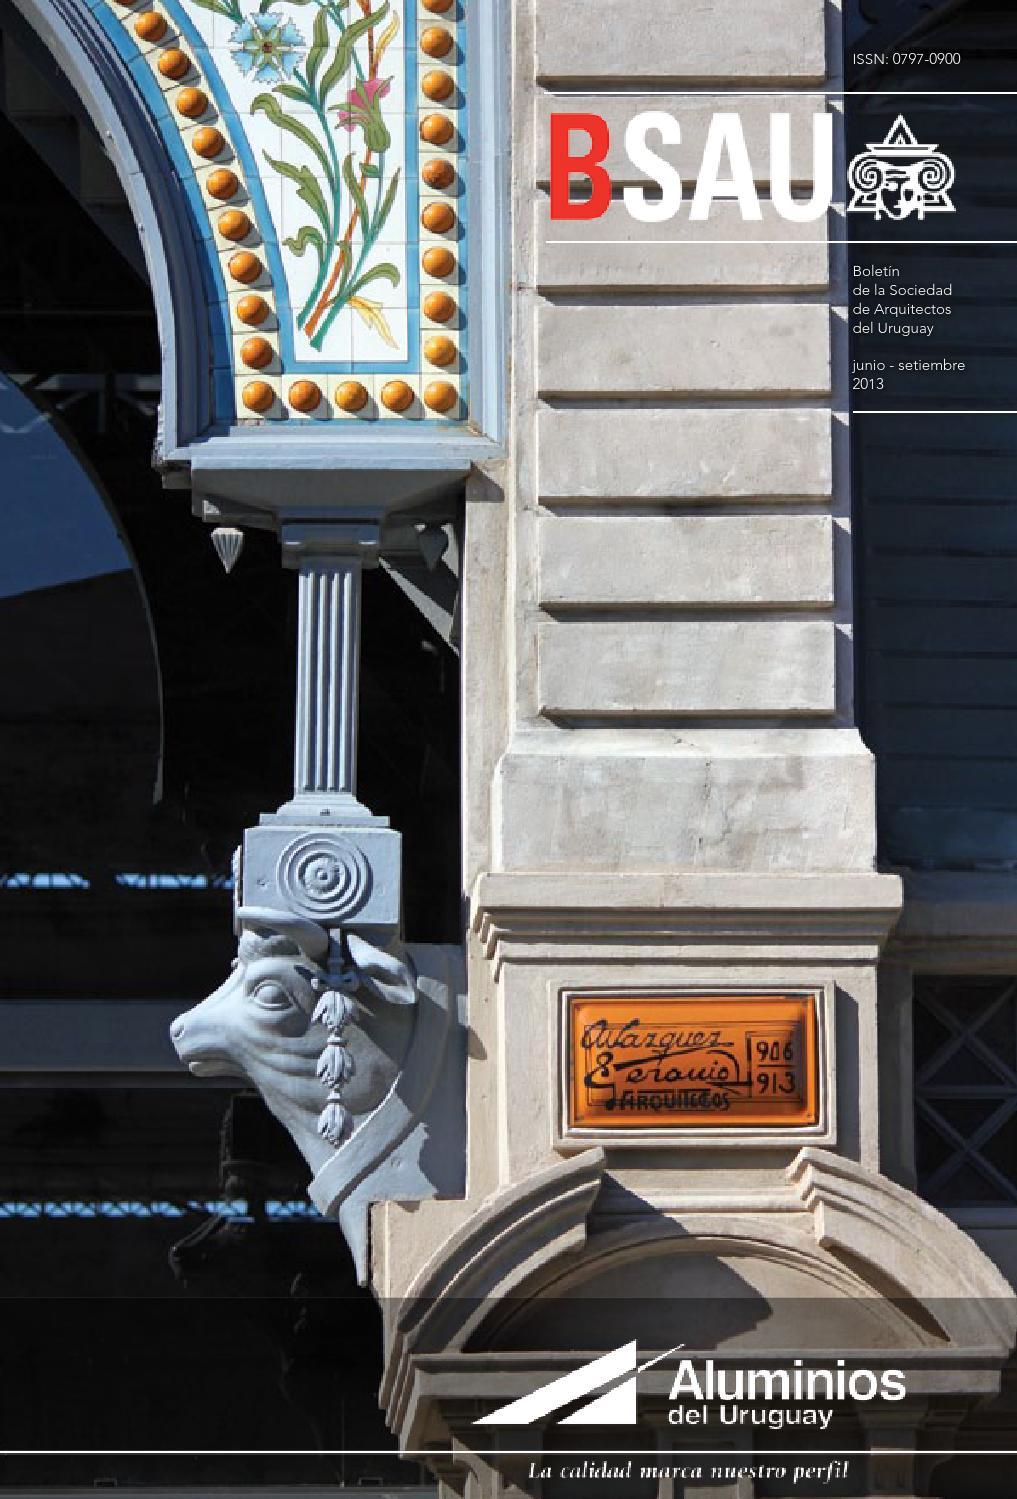 Bsau junio setiembre 2013 by sociedad de arquitectos del - Sociedad de arquitectos ...